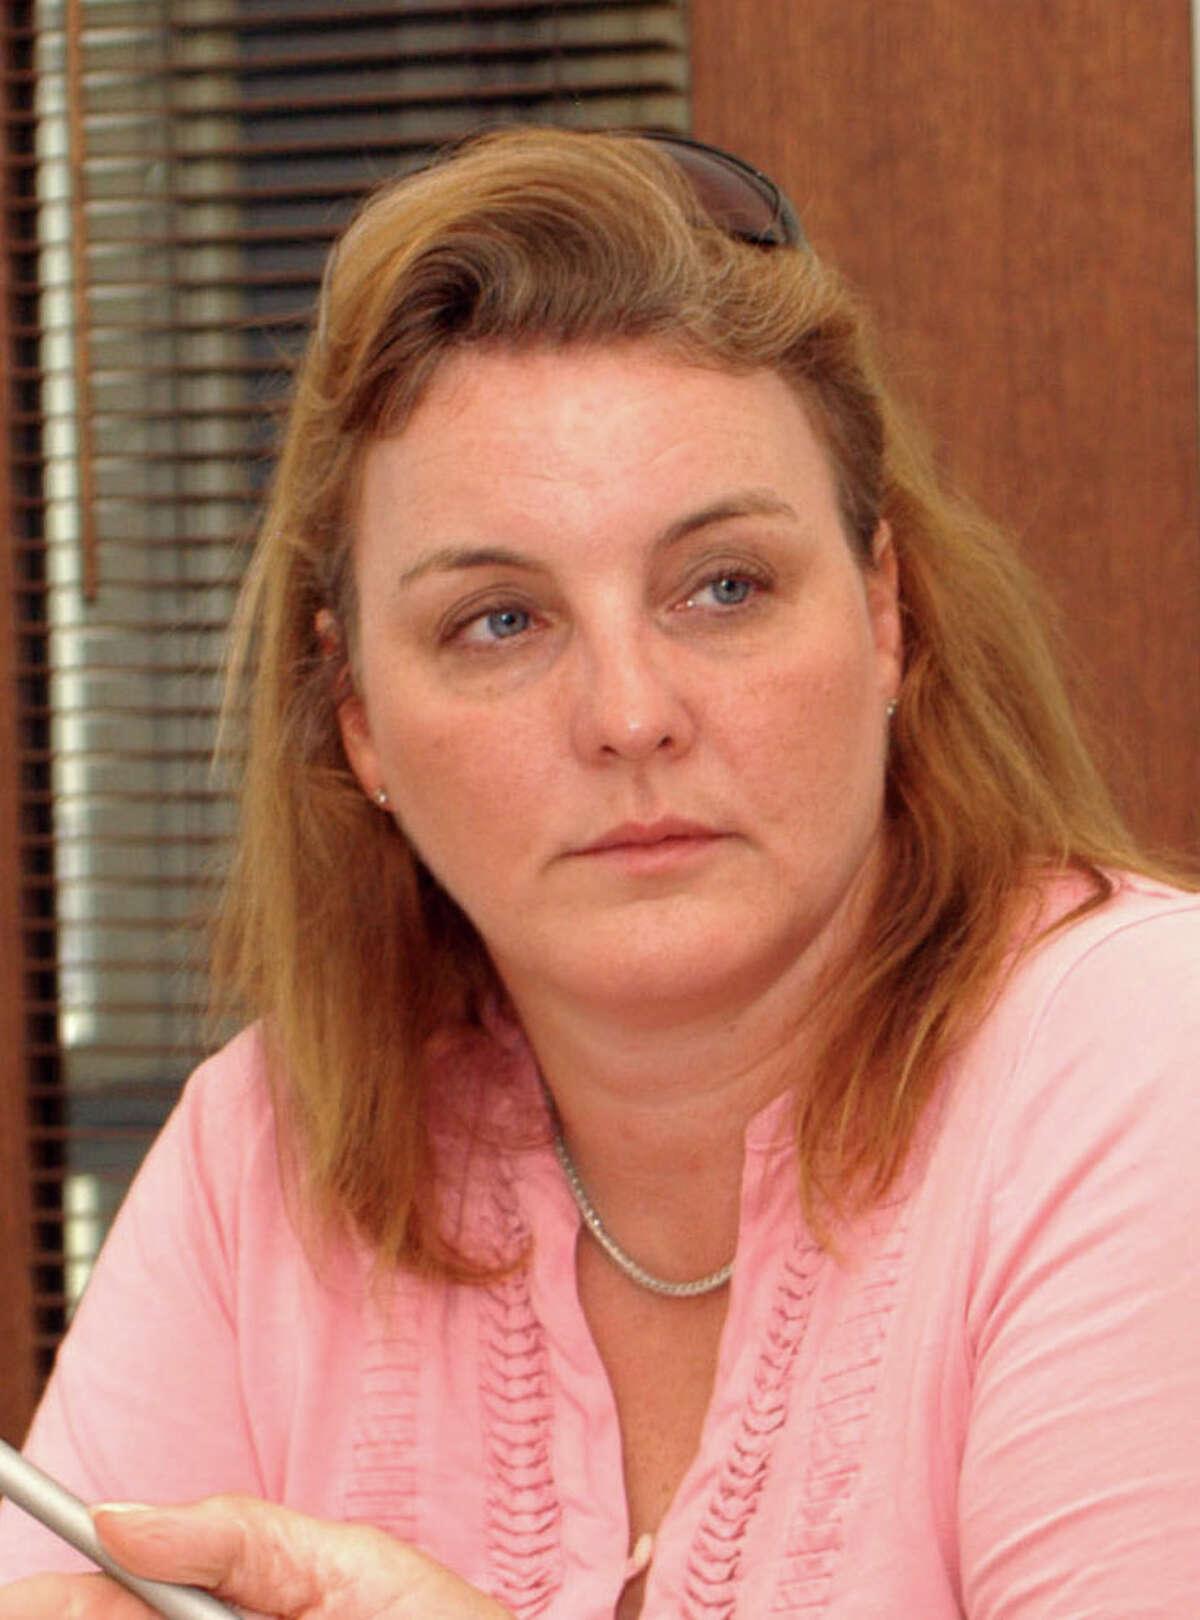 Newtown Board of Education Chairman Debbie Leidlein